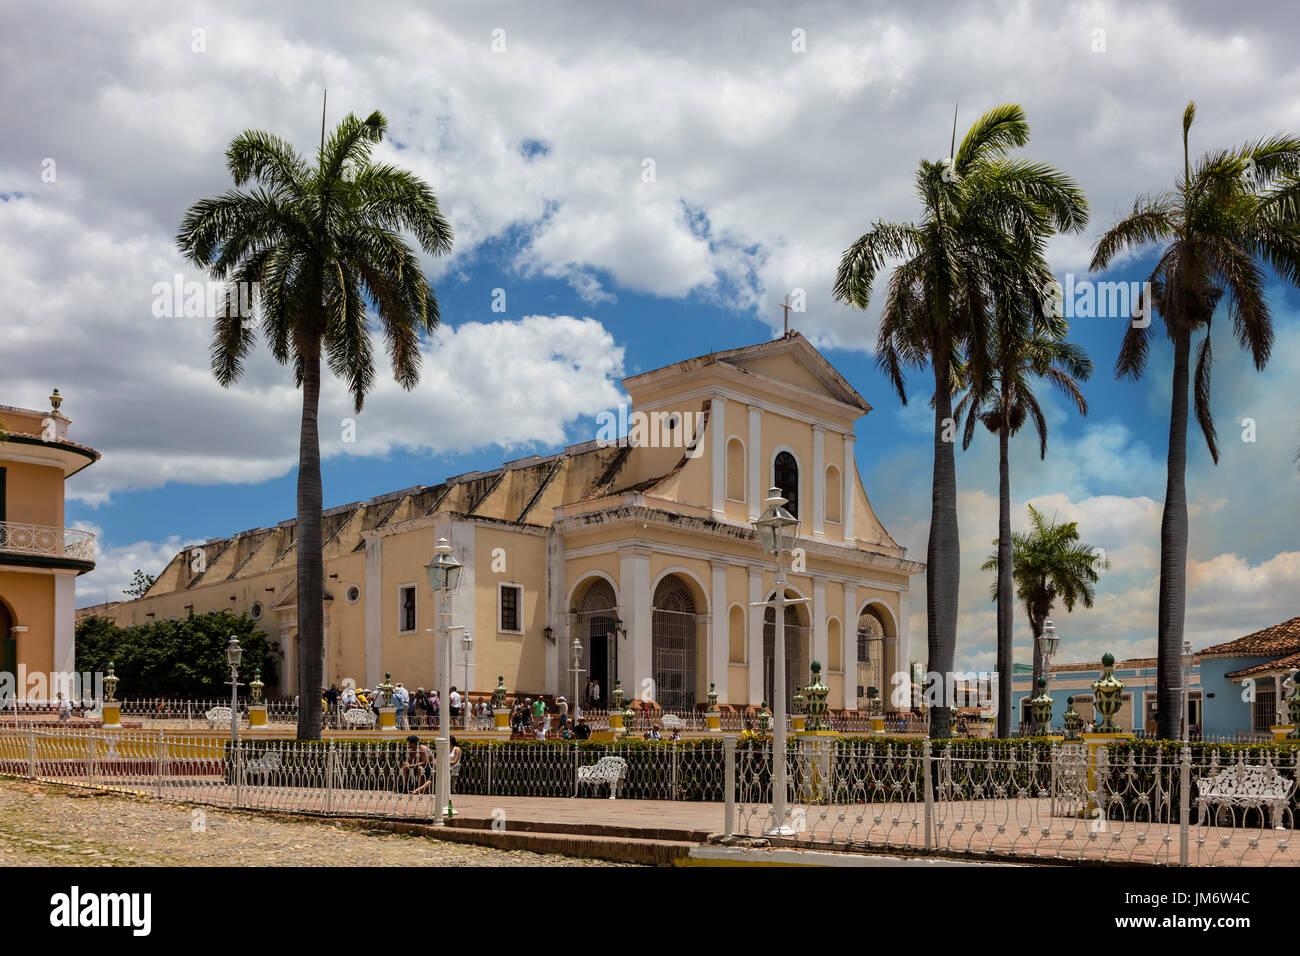 L'Iglesia Parroquial DE LA SANTISIMA TRINIDAD est situé sur la Plaza Mayor - Trinidad, Cuba Photo Stock